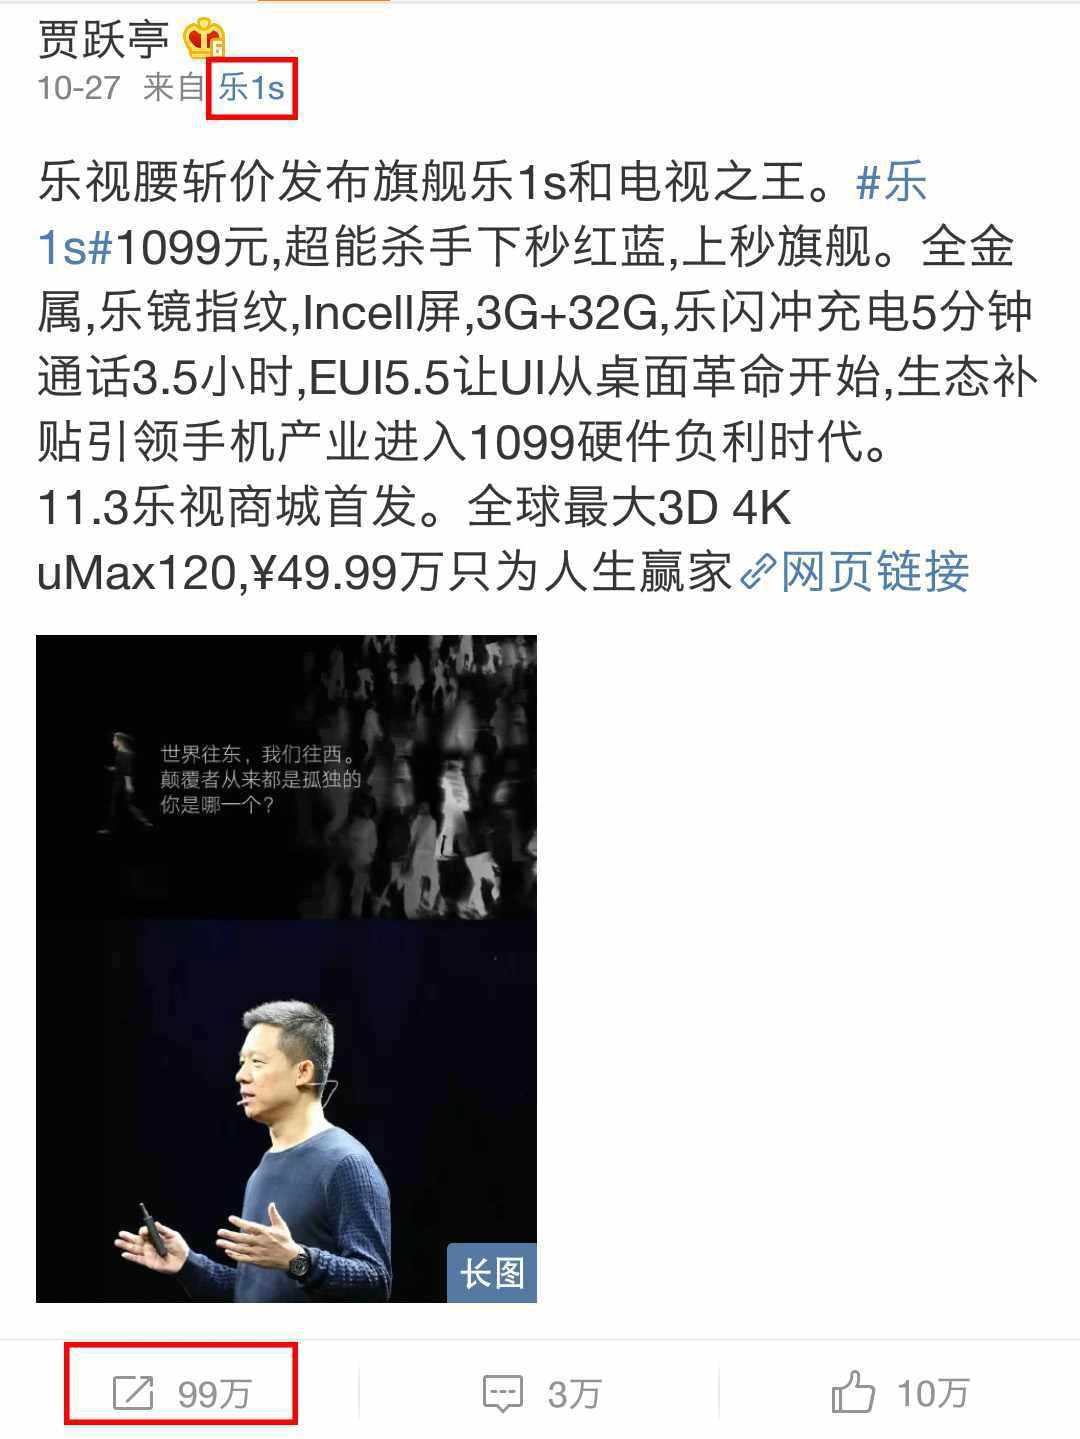 賈躍亭發微博推樂1s,明星們紛紛拿出iPhone6s轉發點贊(組圖)-搜狐滾動